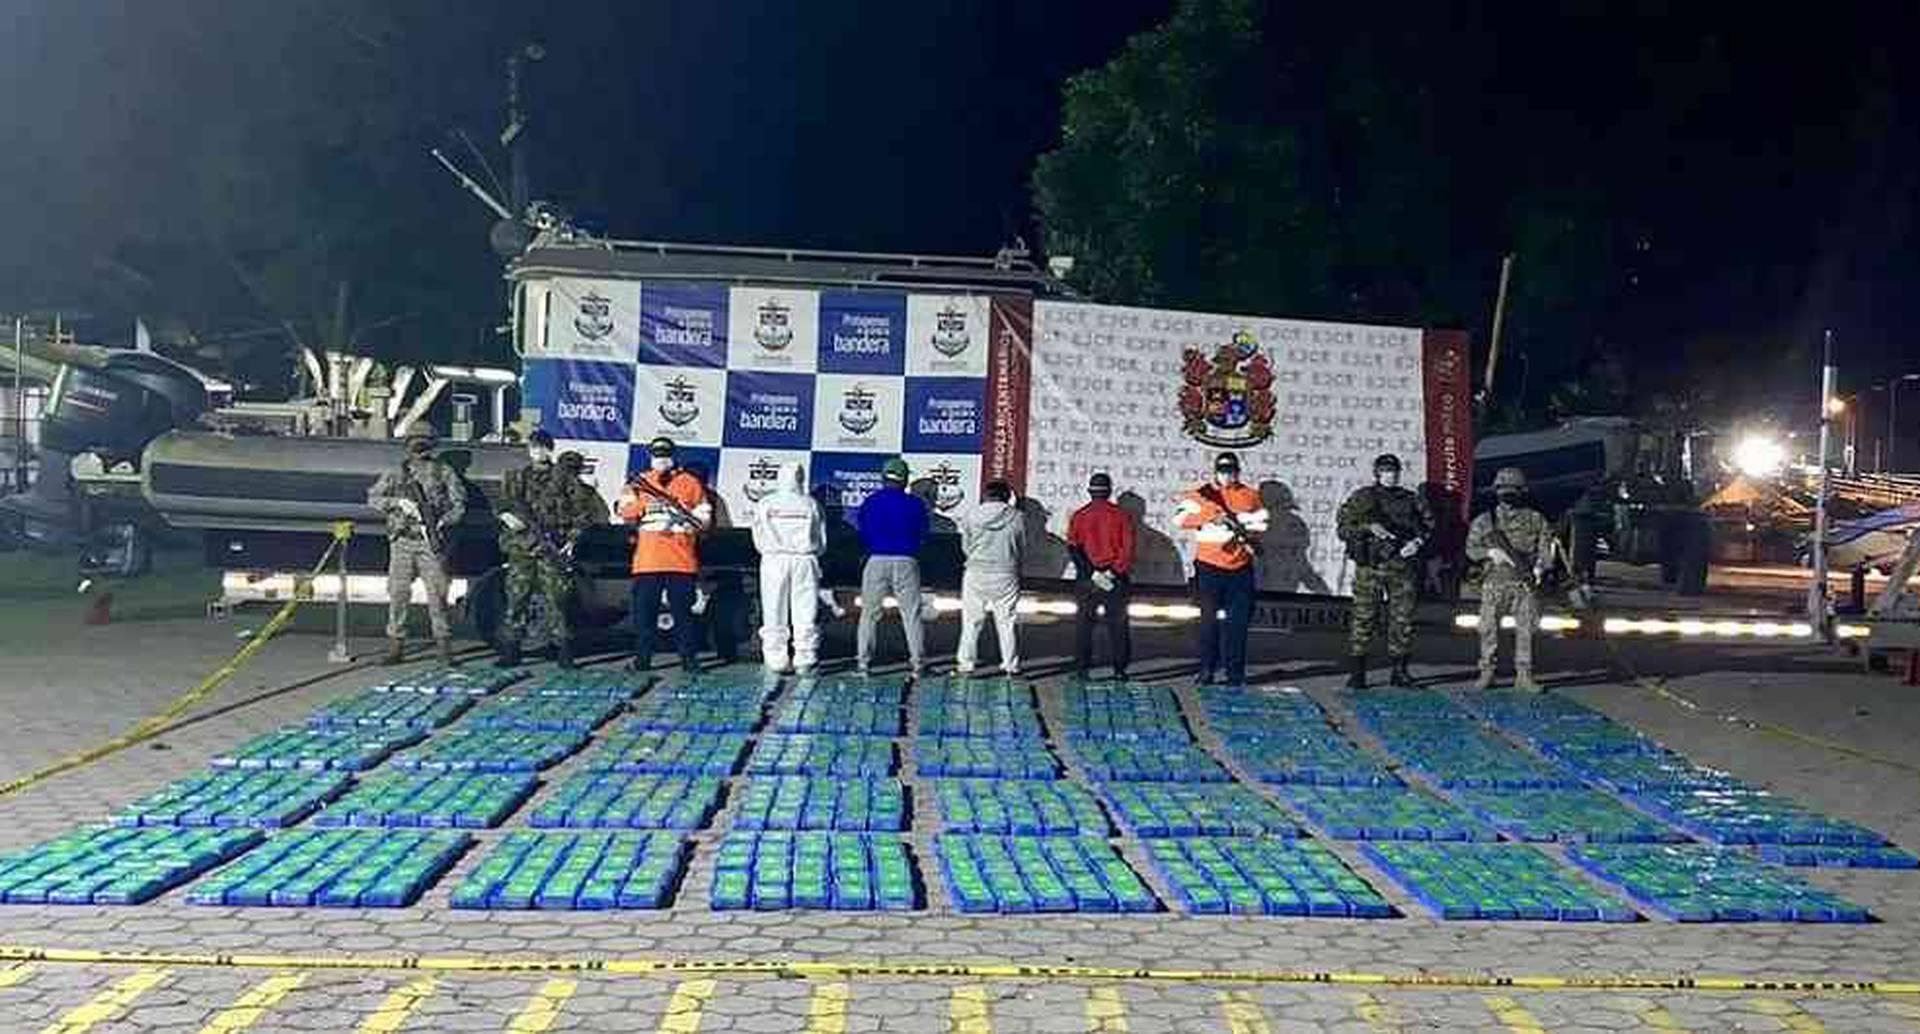 Cargamento de droga incautado en Tumaco - Foto de referencia